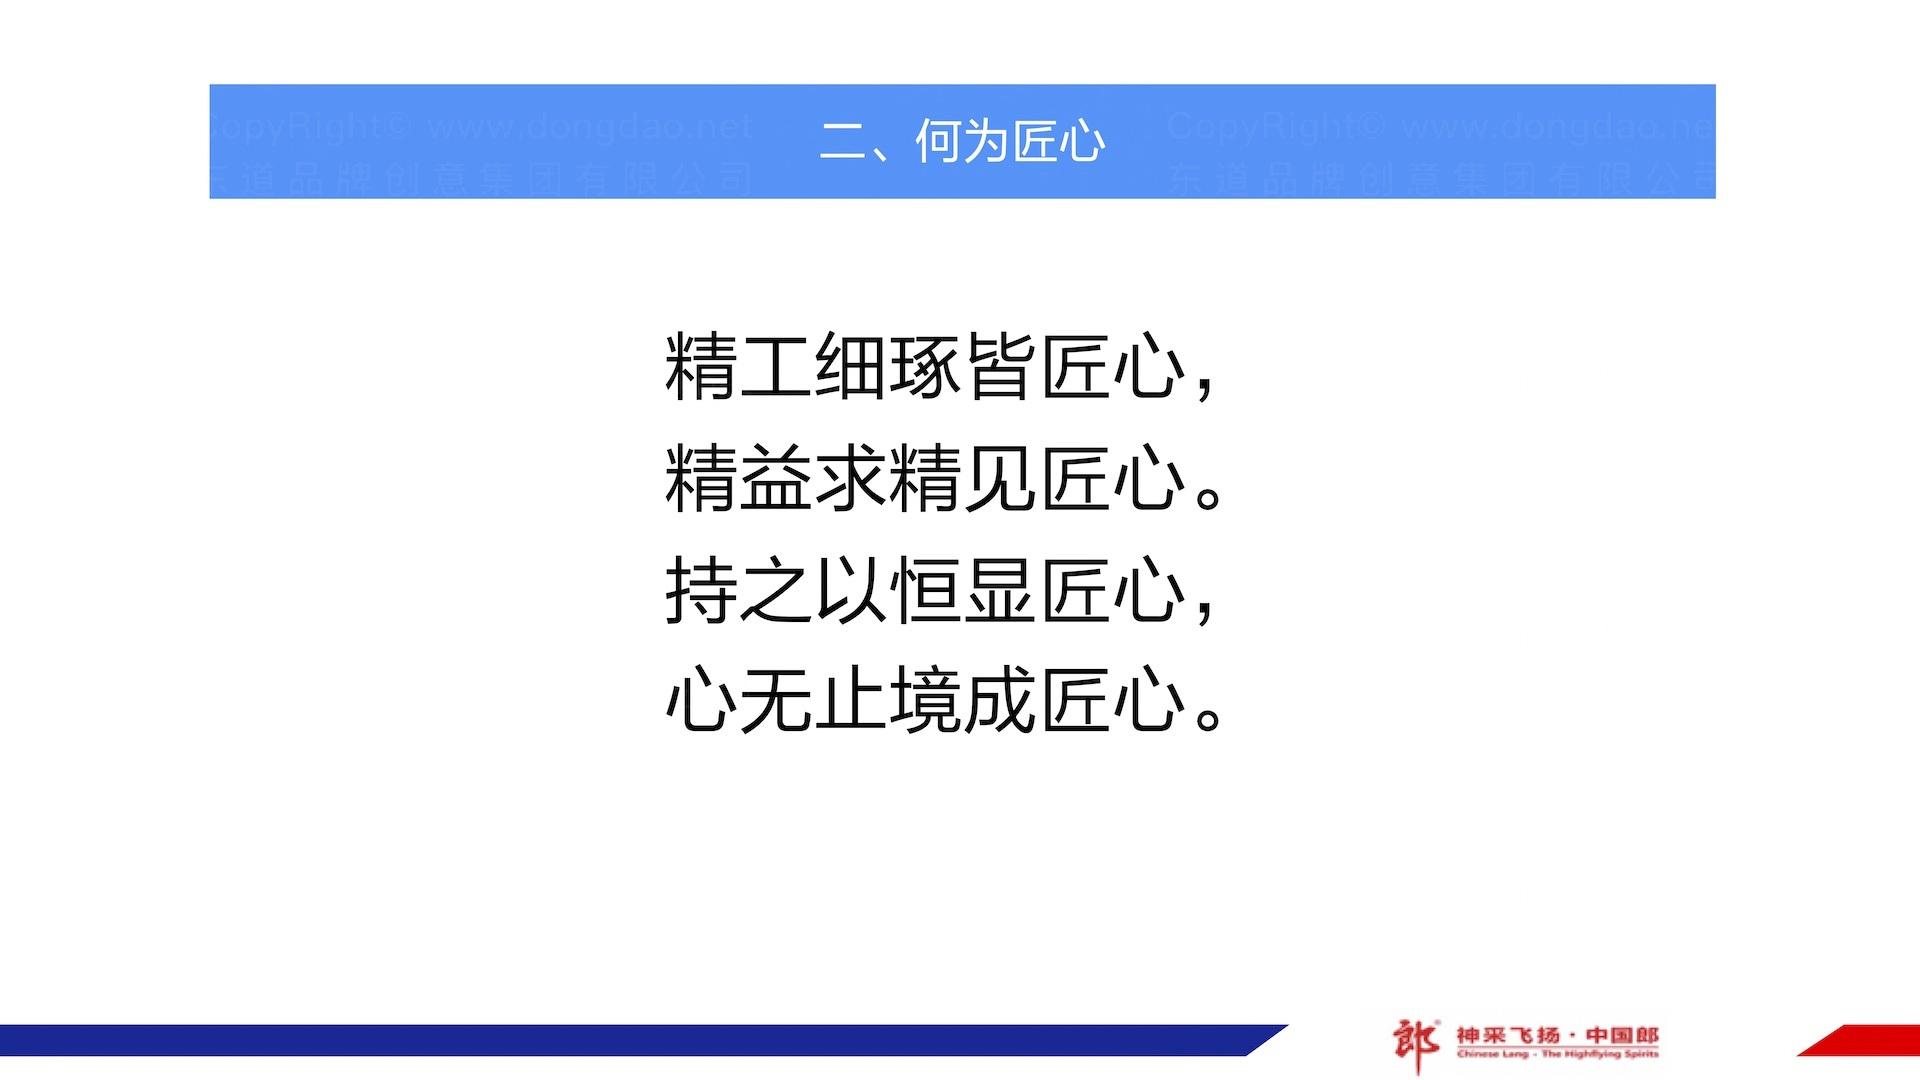 品牌战略&企业文化郎酒企业文化体系方案应用场景_10